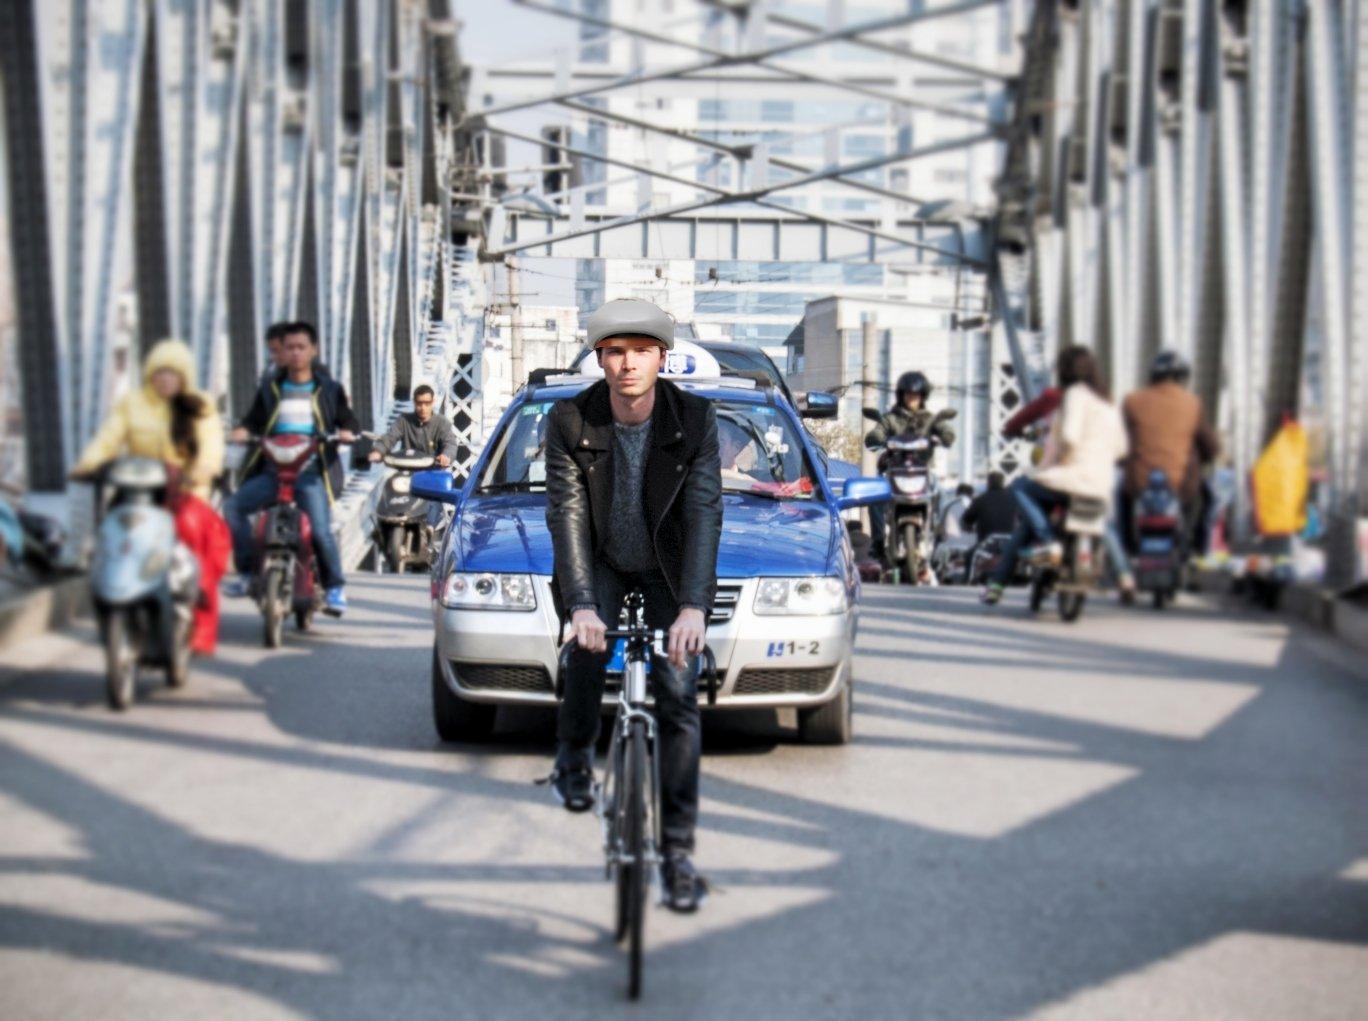 Mit Loki auf dem Kopf kann dem Radler im Straßenverkehr nicht mehr viel passieren. Am Ziel angekommen, blockiert Loki das Vorderrad.